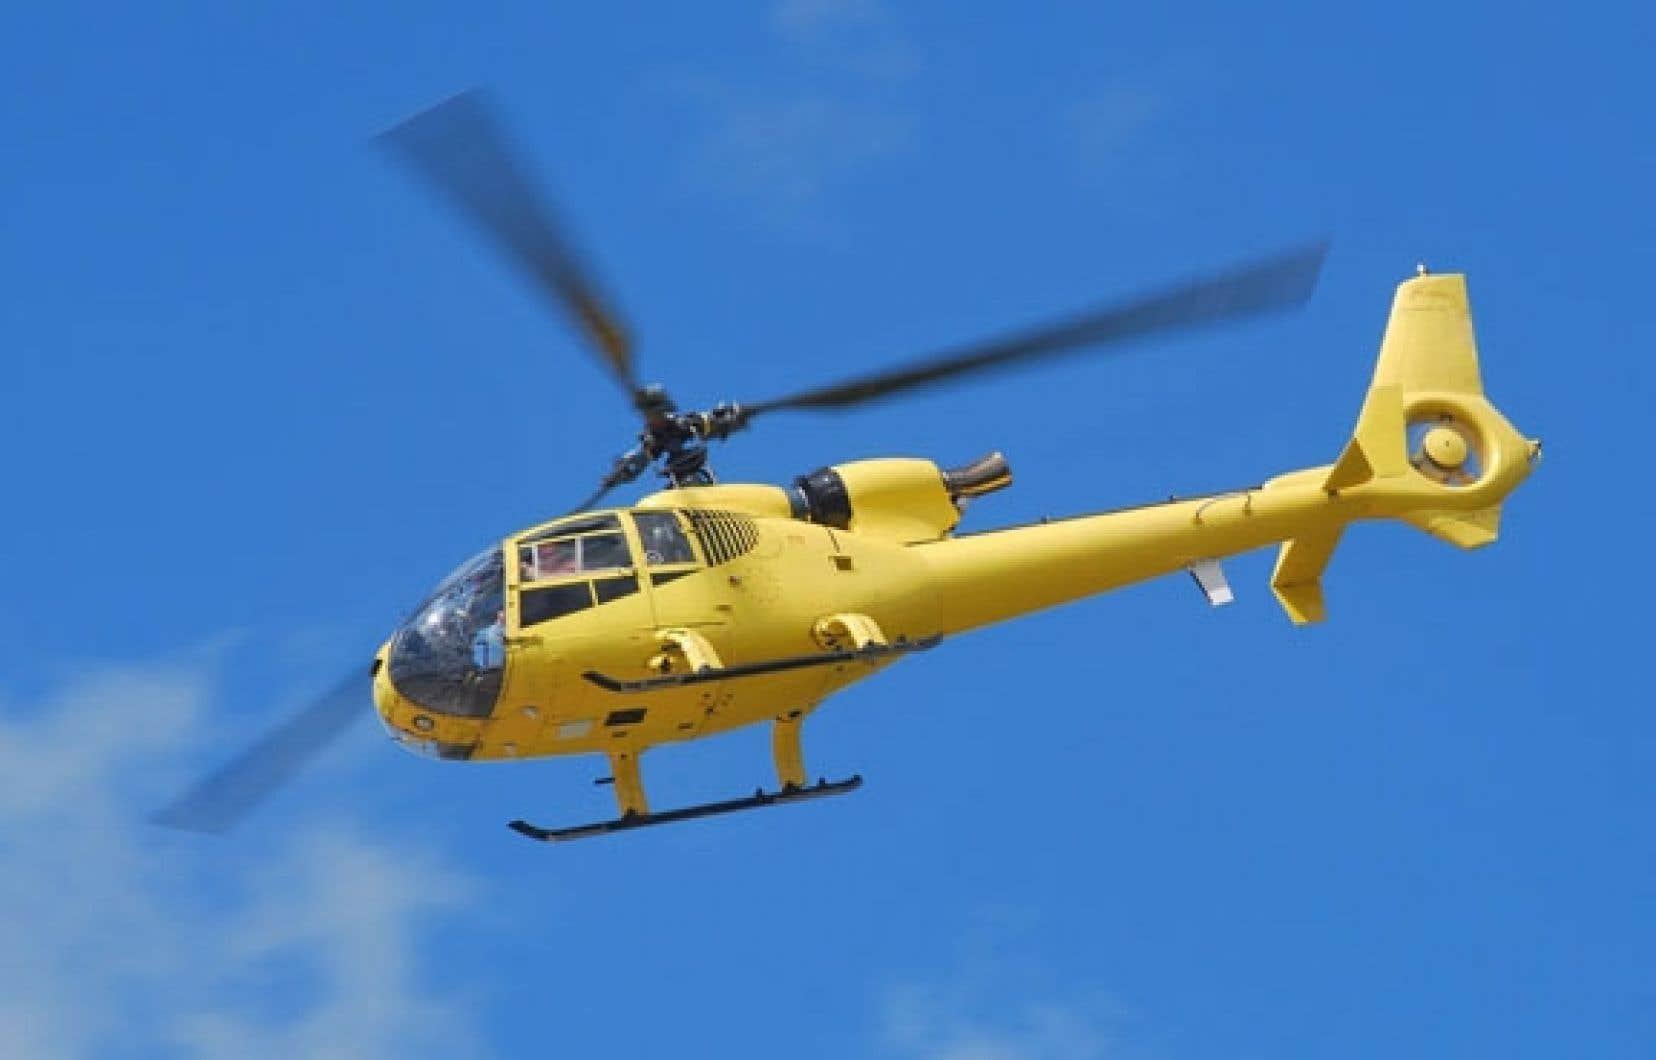 L'enquête administrative permettra d'avoir l'heure juste sur les mesures prises par les quatre entités ciblées pour prévenir une seconde évasion par hélicoptère depuis mars 2013, a souligné Lise Thériault